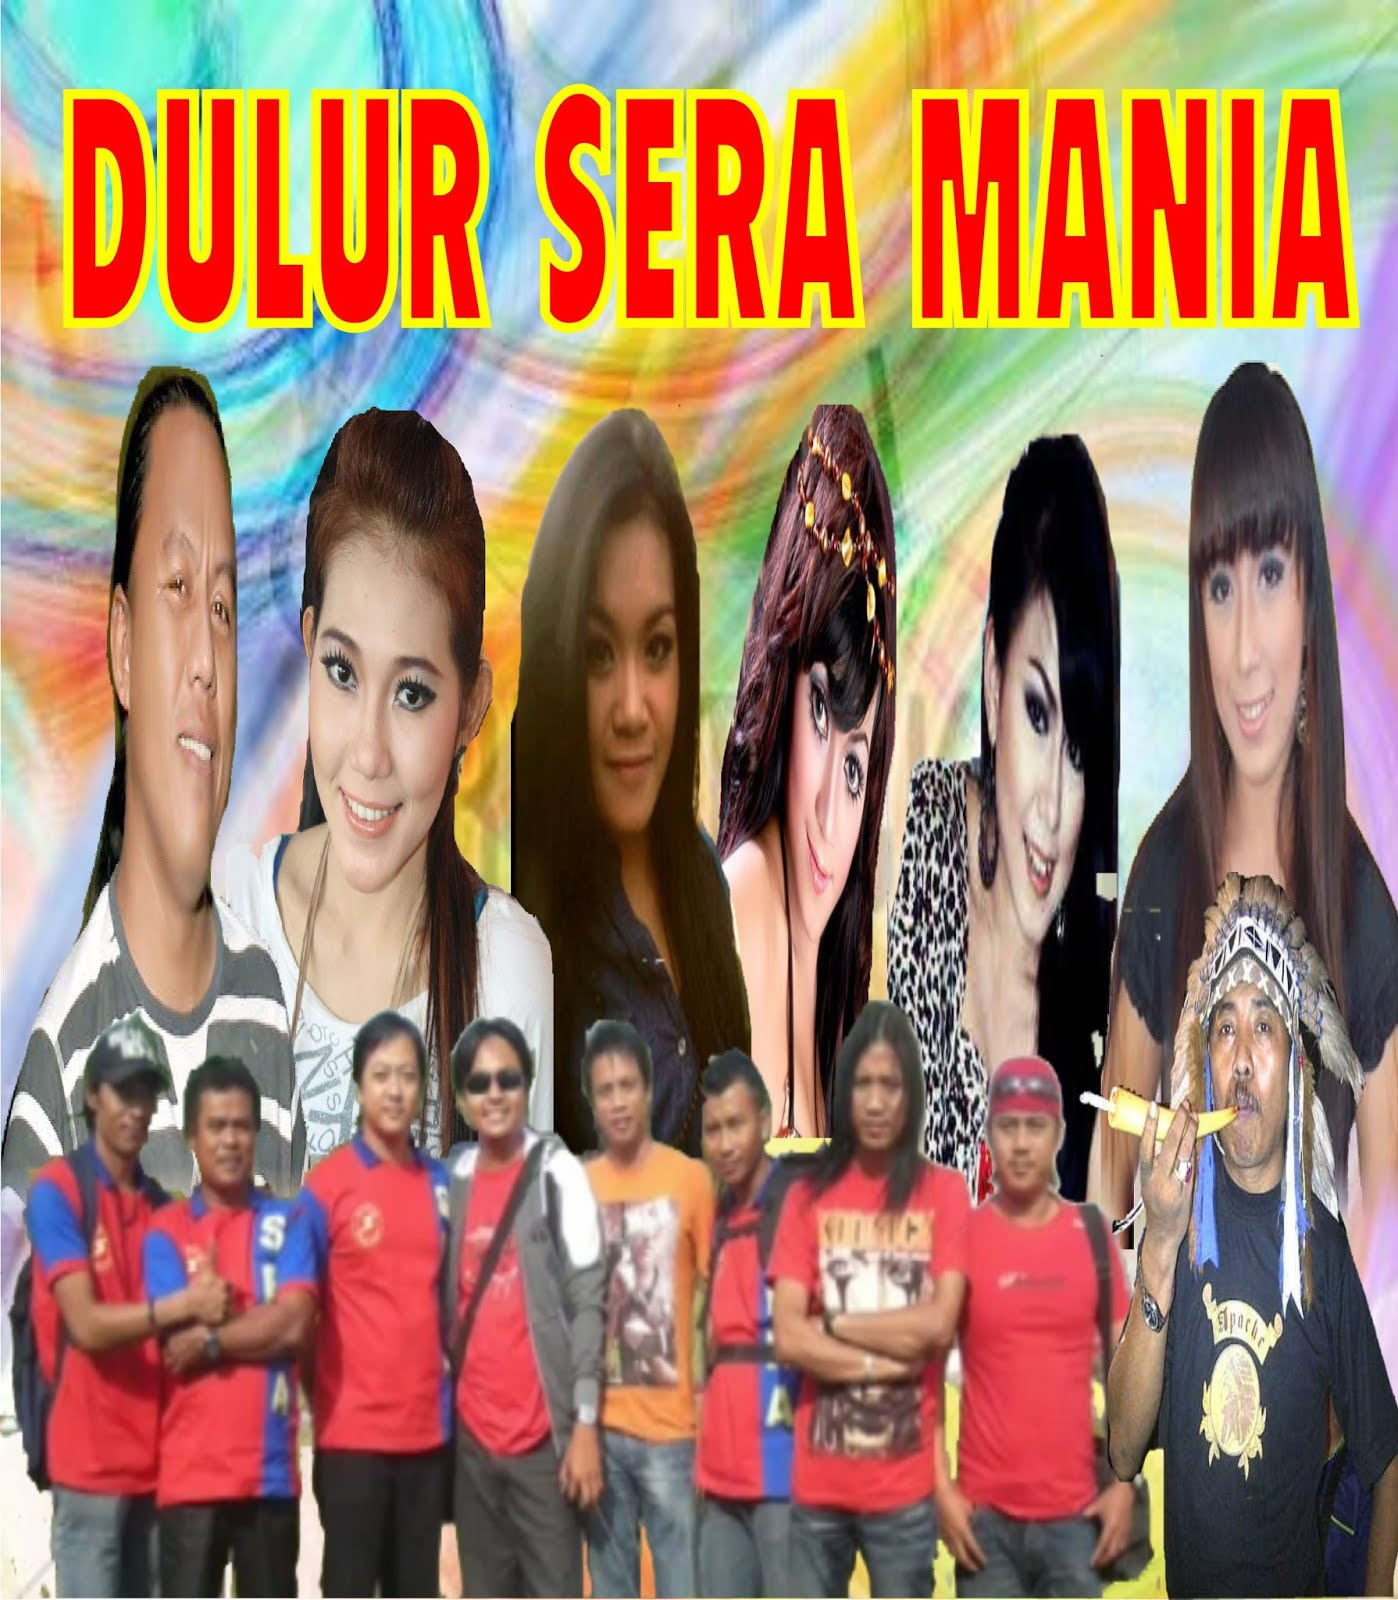 Donlod Lagu Dangdut Terbaru: Pecinta Musik Dangdut: April 2016